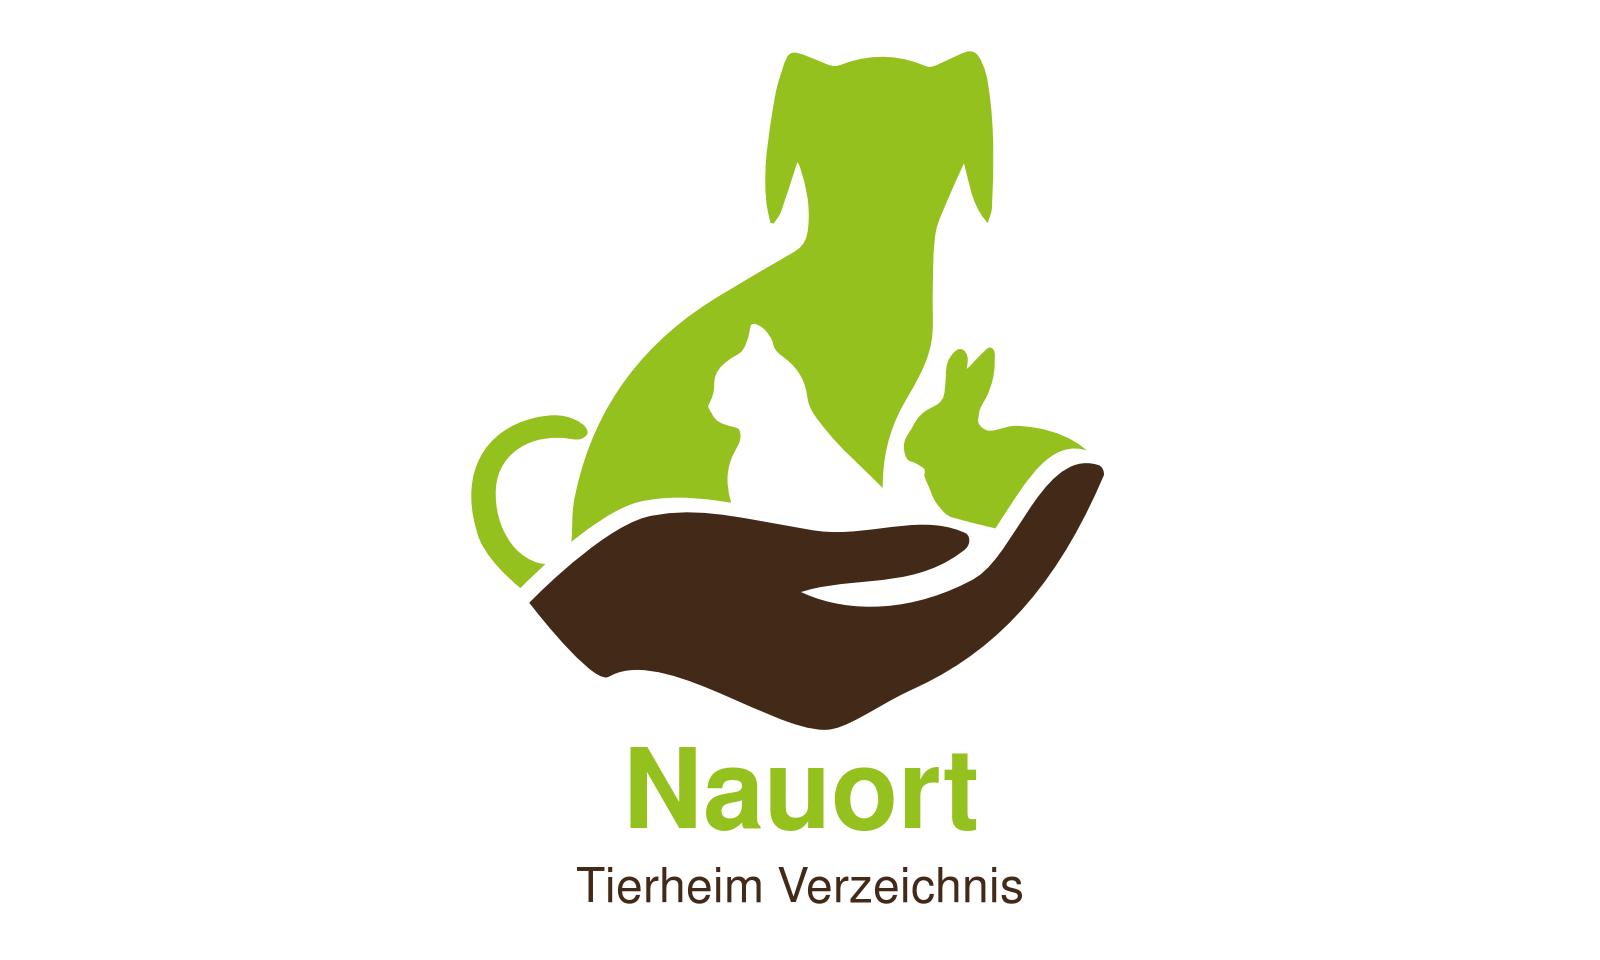 Tierheim Nauort